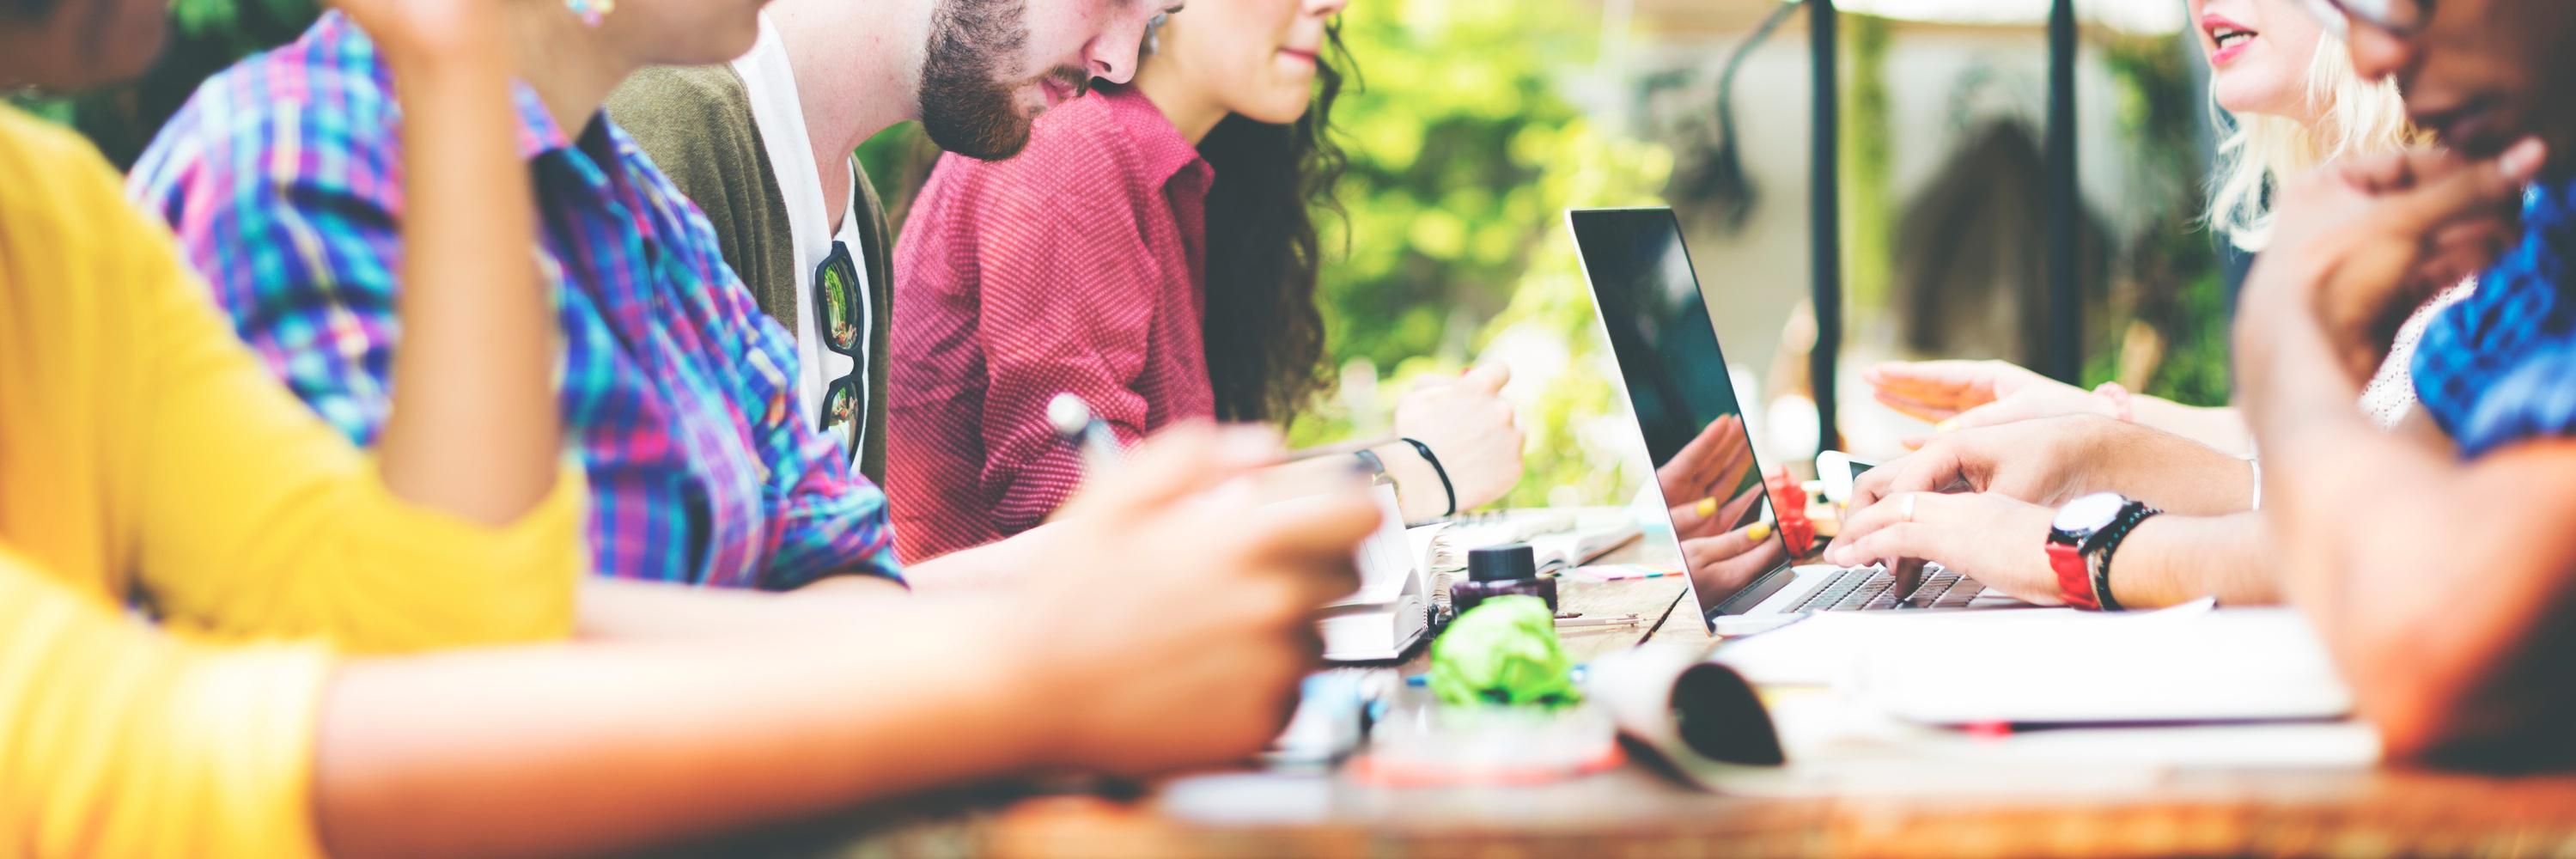 Descubre cómo tu escuela privada puede obtener más alumnos implementando Inbound Marketing